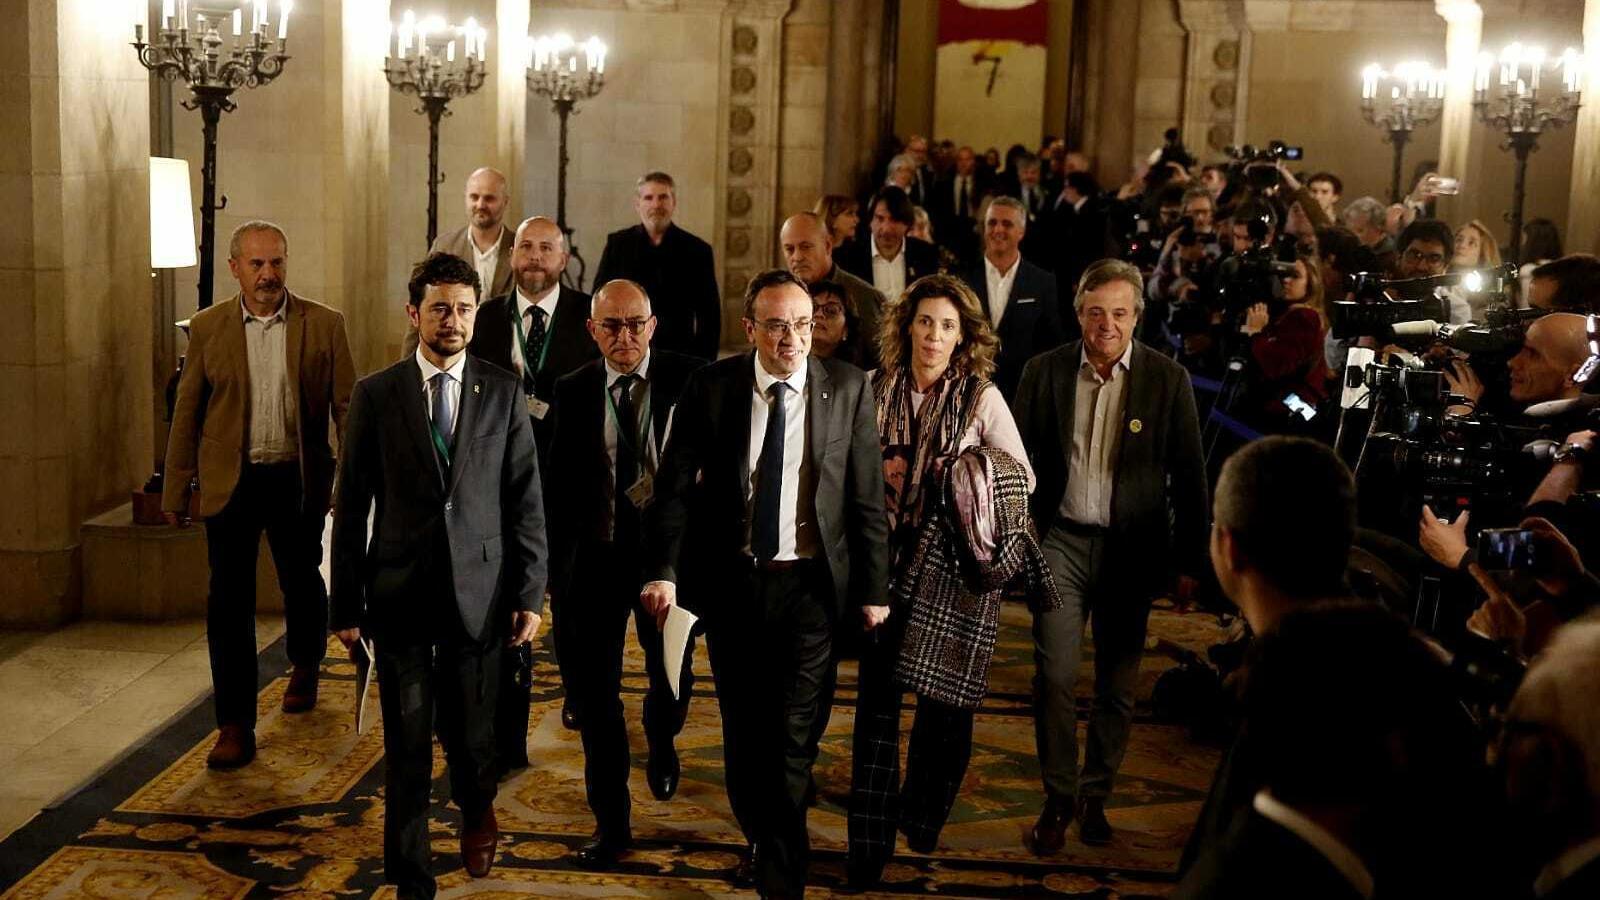 L'exconseller Josep Rull abans d'entrar a la comissió del 155